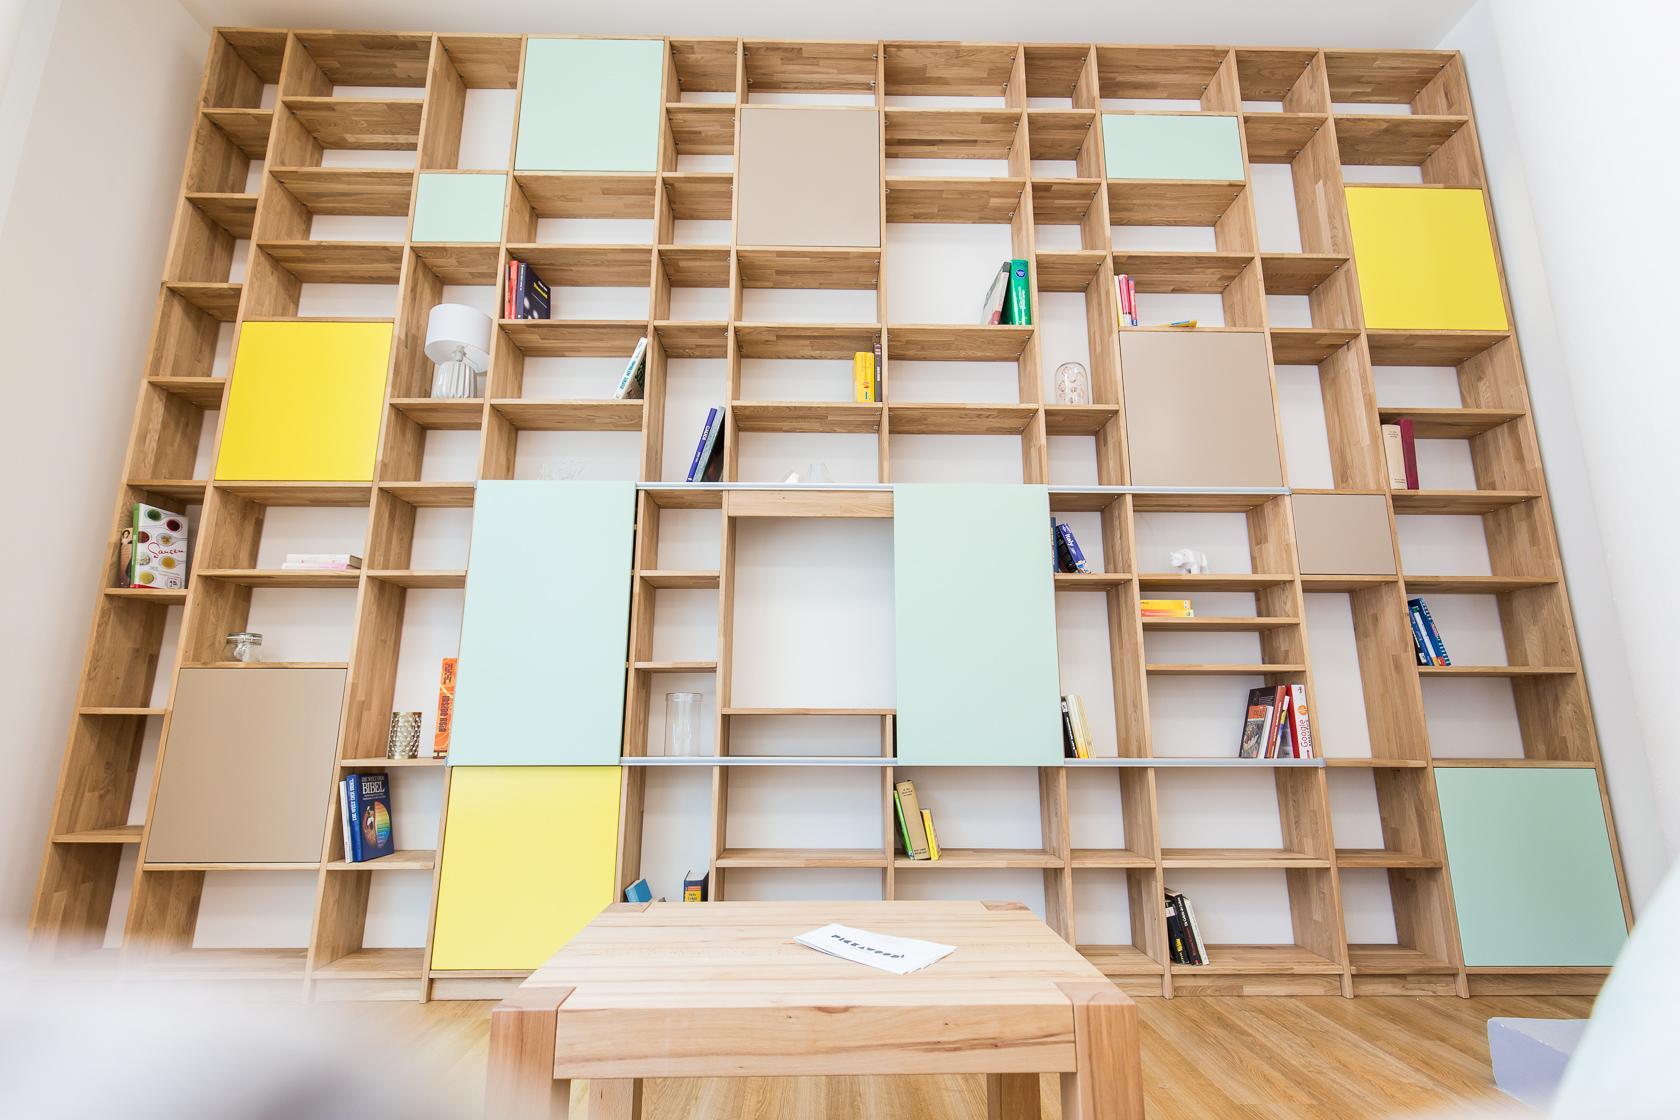 Fantastisch Bibliothek Mit Integriertem TV Fach #bibliothek #regal #bücherregal  ©Pickawood GmbH